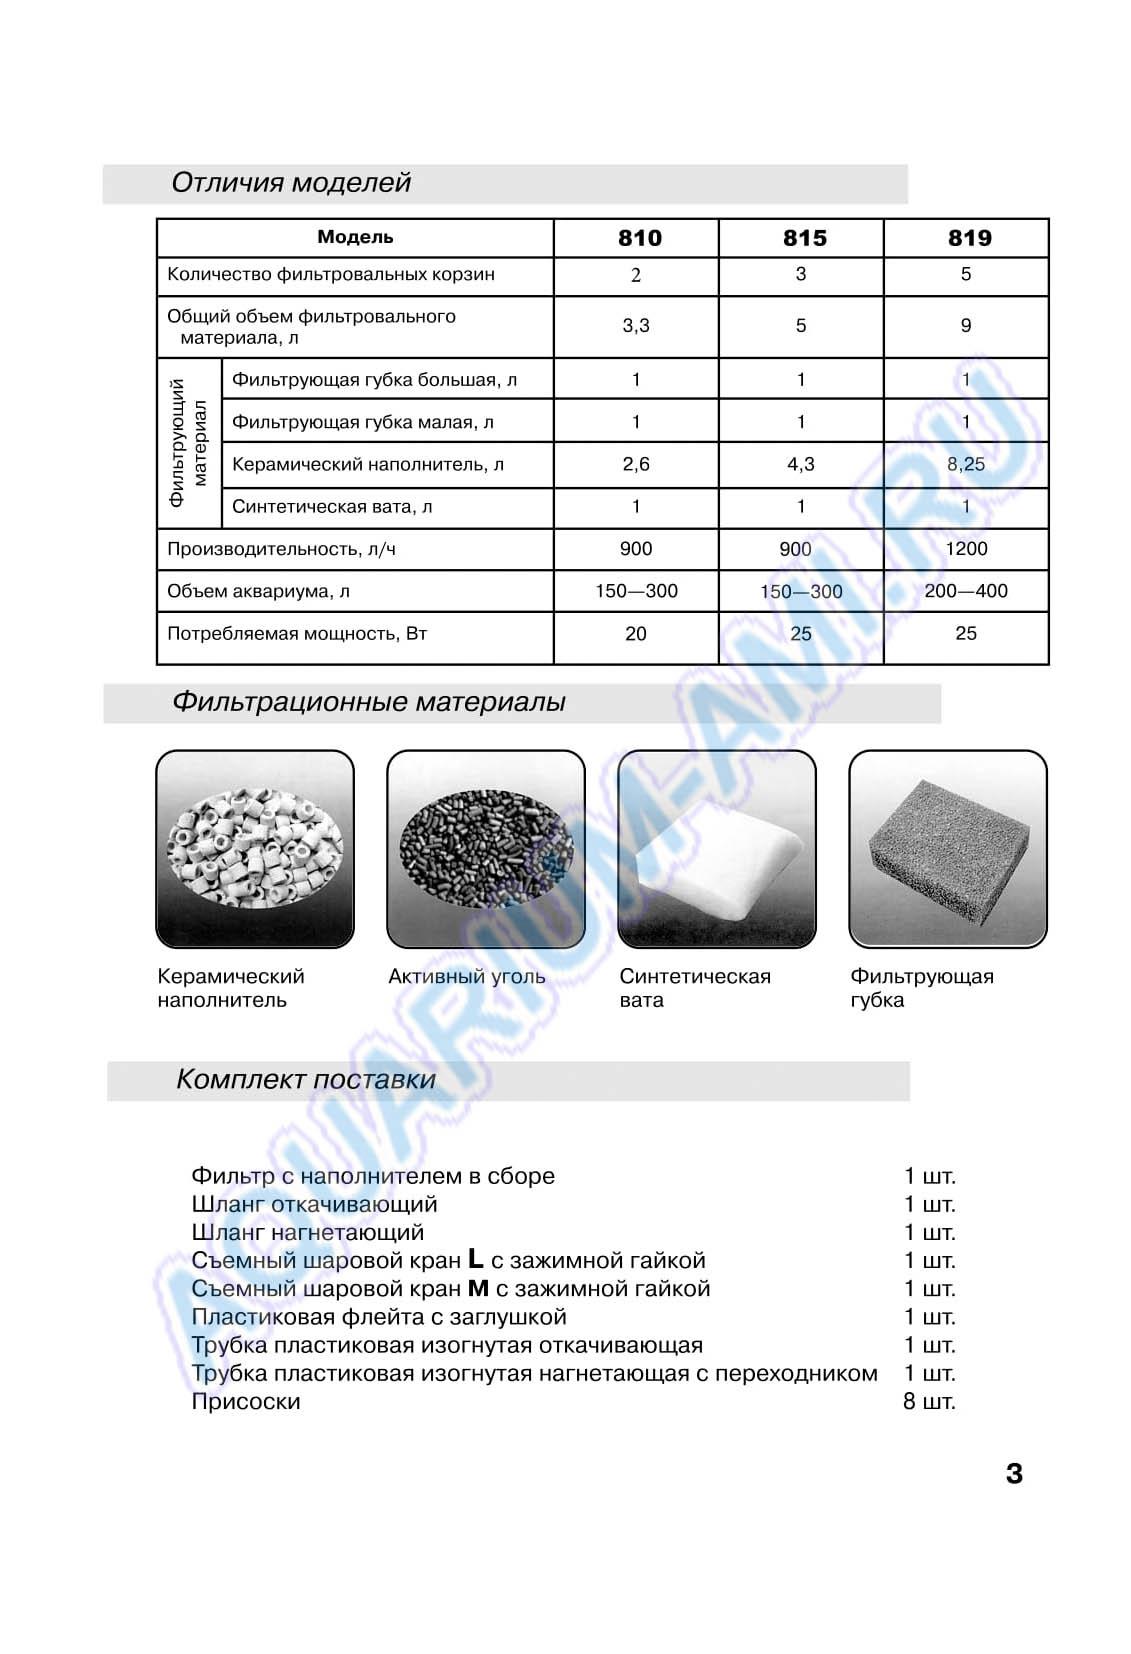 аквариумный фильтр eheim инструкция